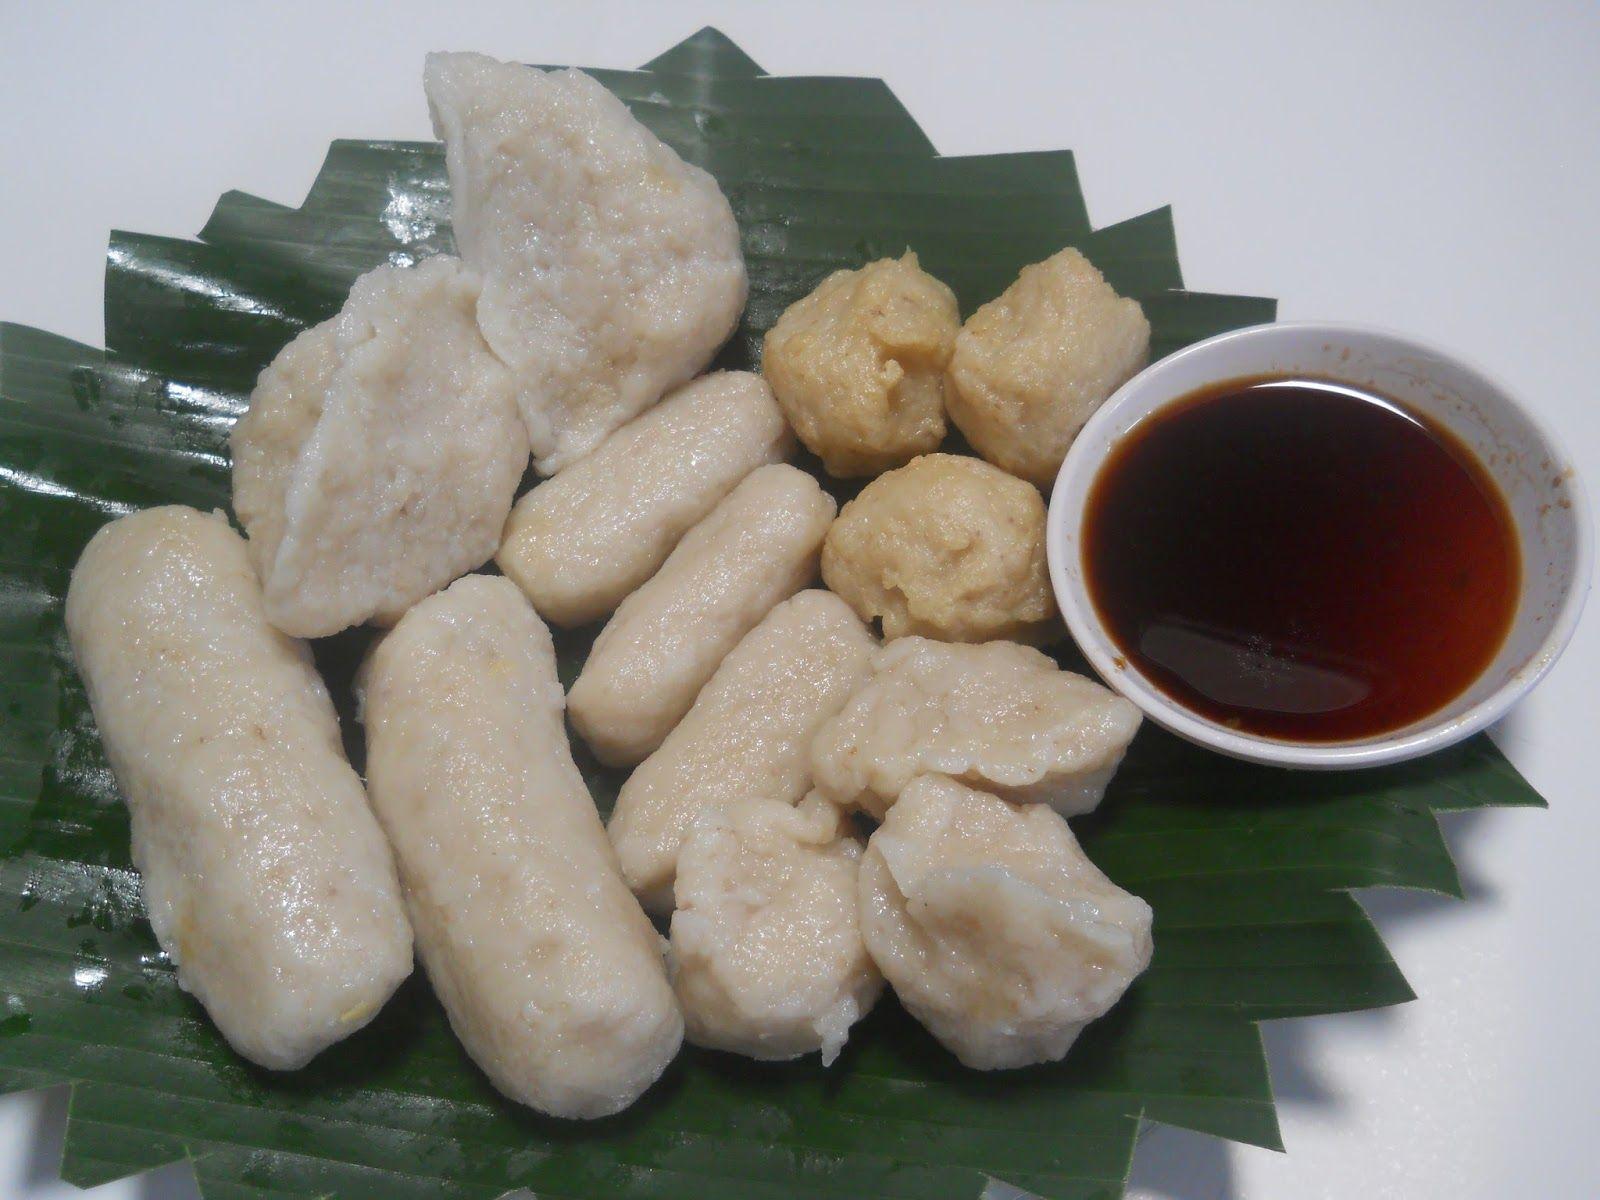 Resep Cara Membuat Empek Empek Palembang Asli Yang Enak Dan Mudah Resep Resep Masakan Resep Masakan Indonesia